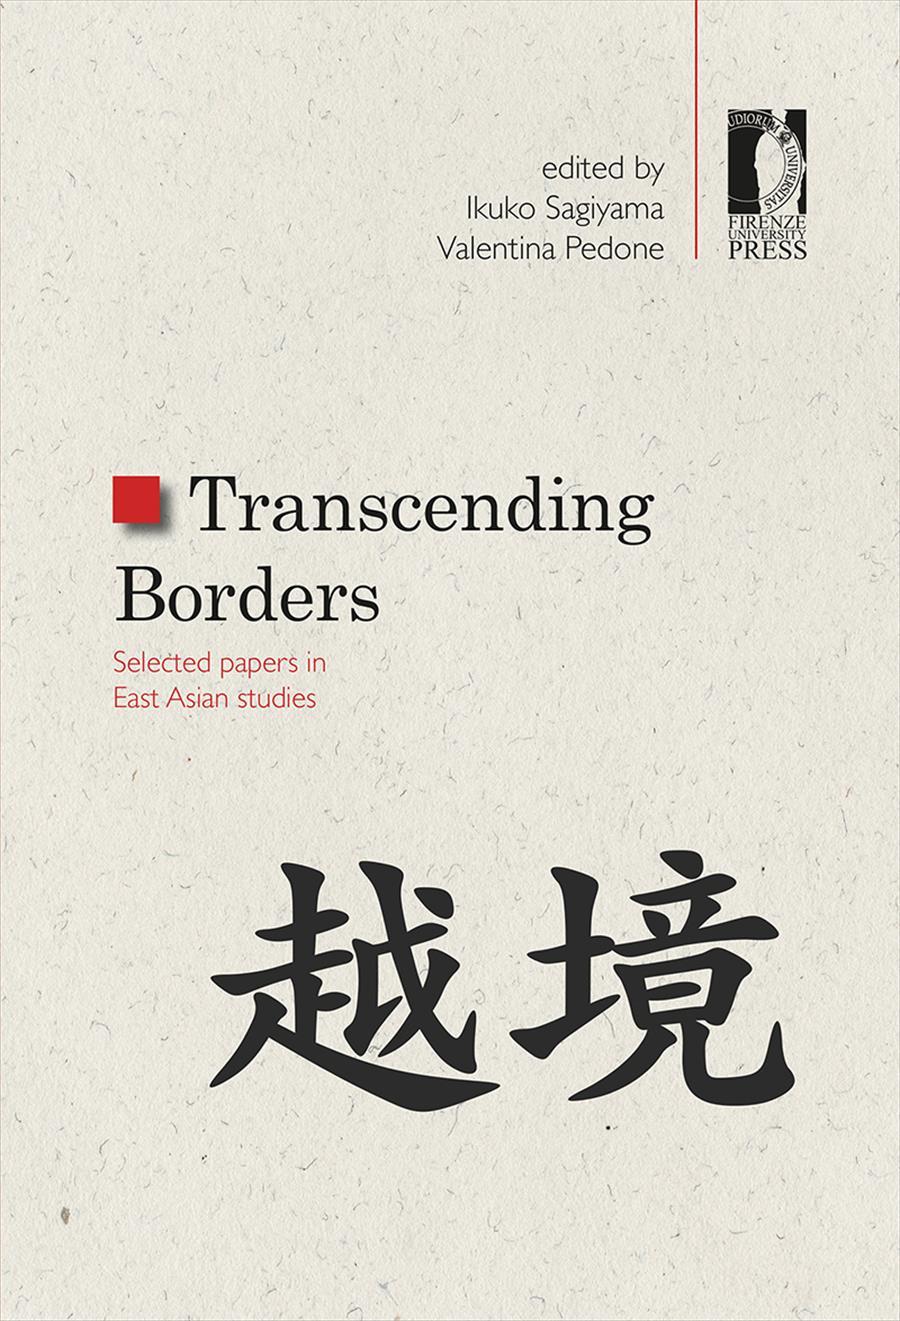 Transcending Borders